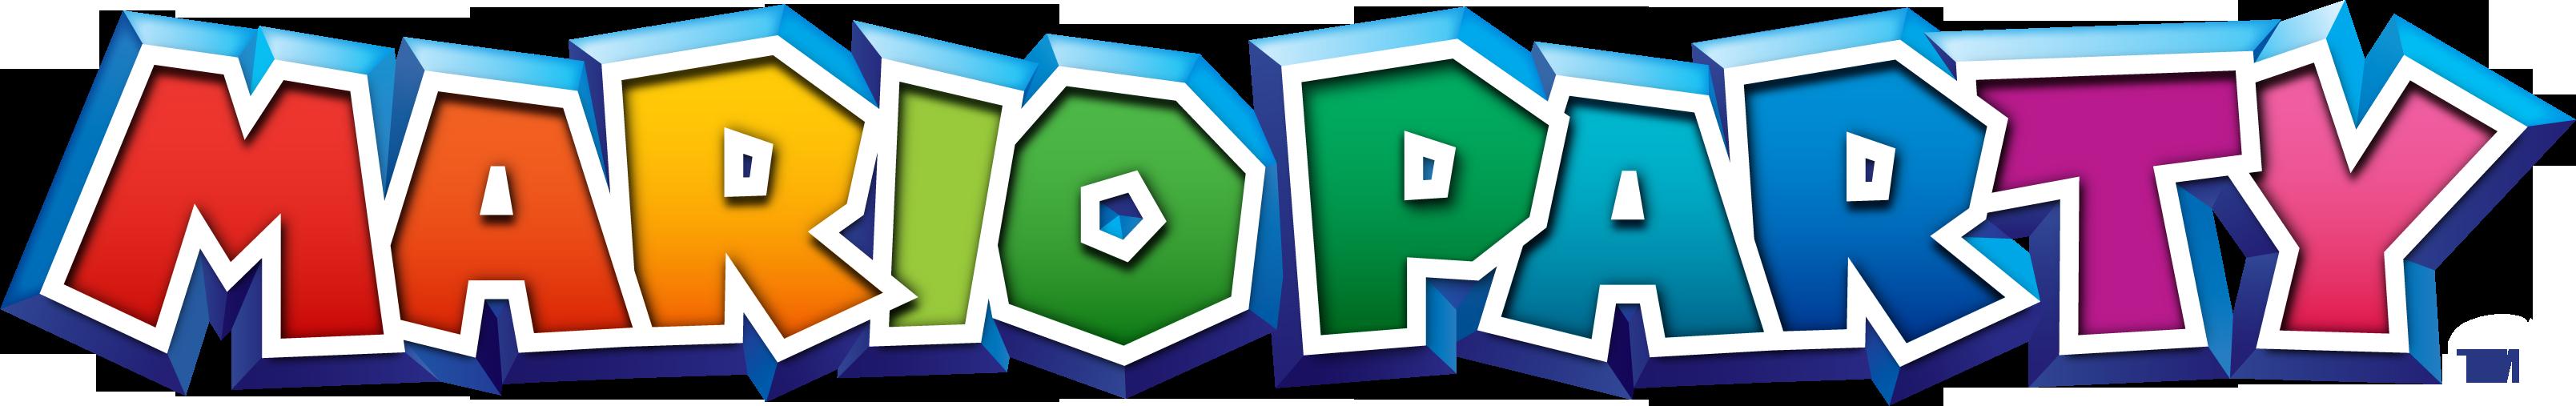 Mario Party (series)